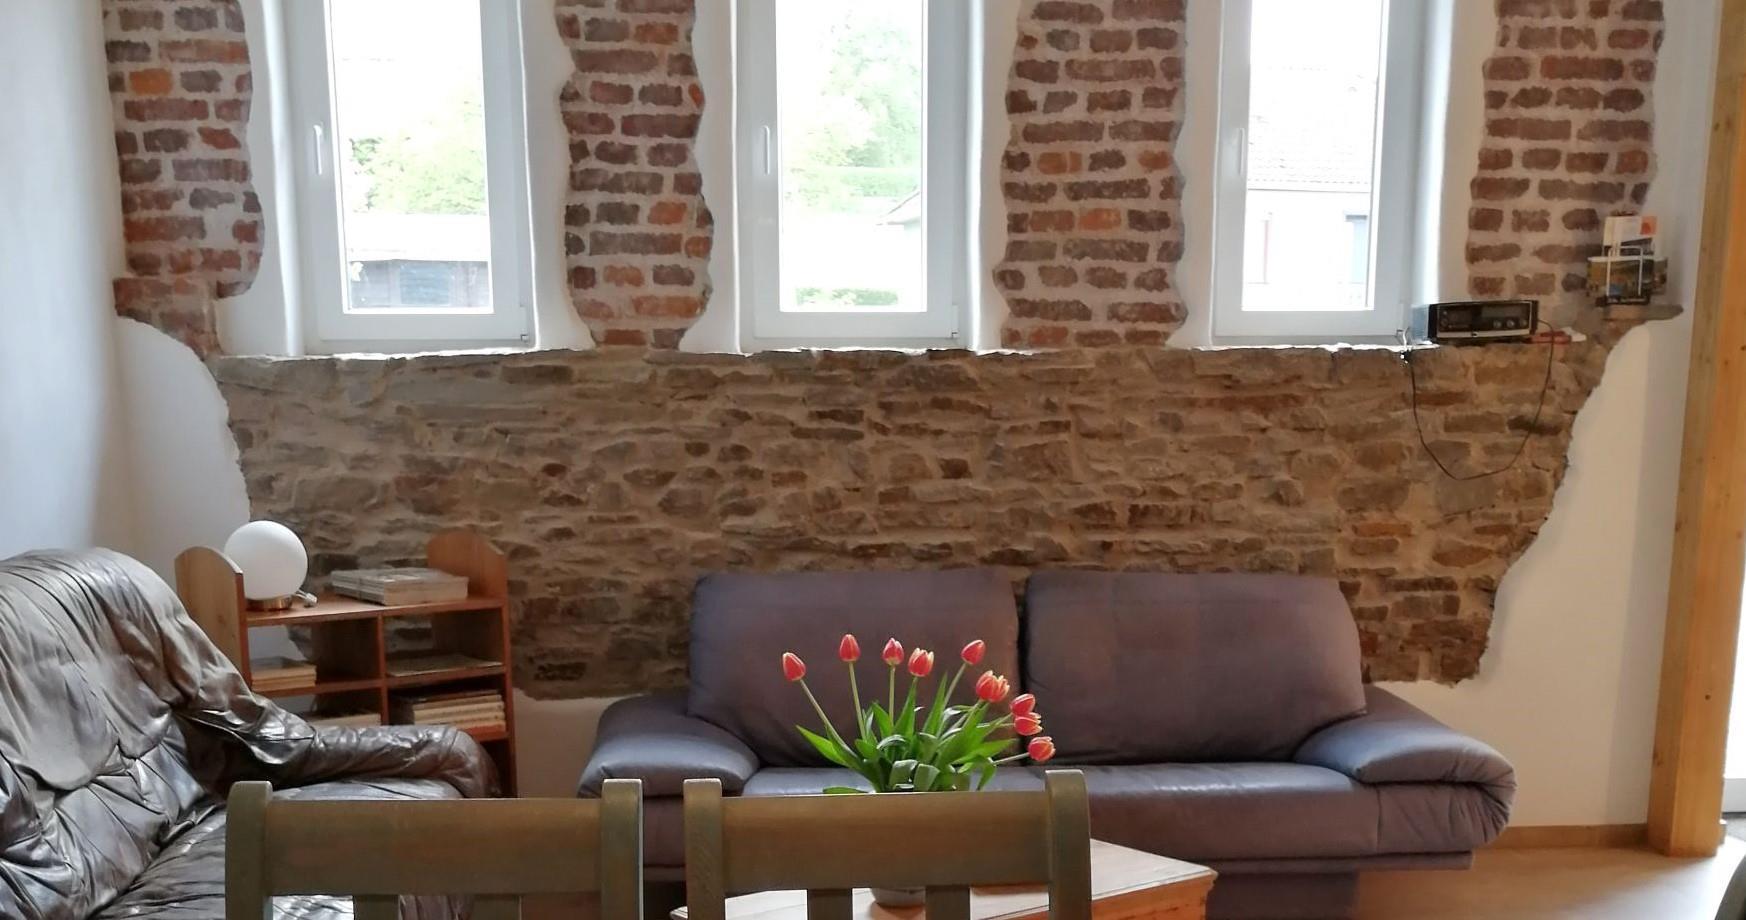 Isi-Hof Apartement Litla - Wochenangebot Ferienwohnung in der Eifel